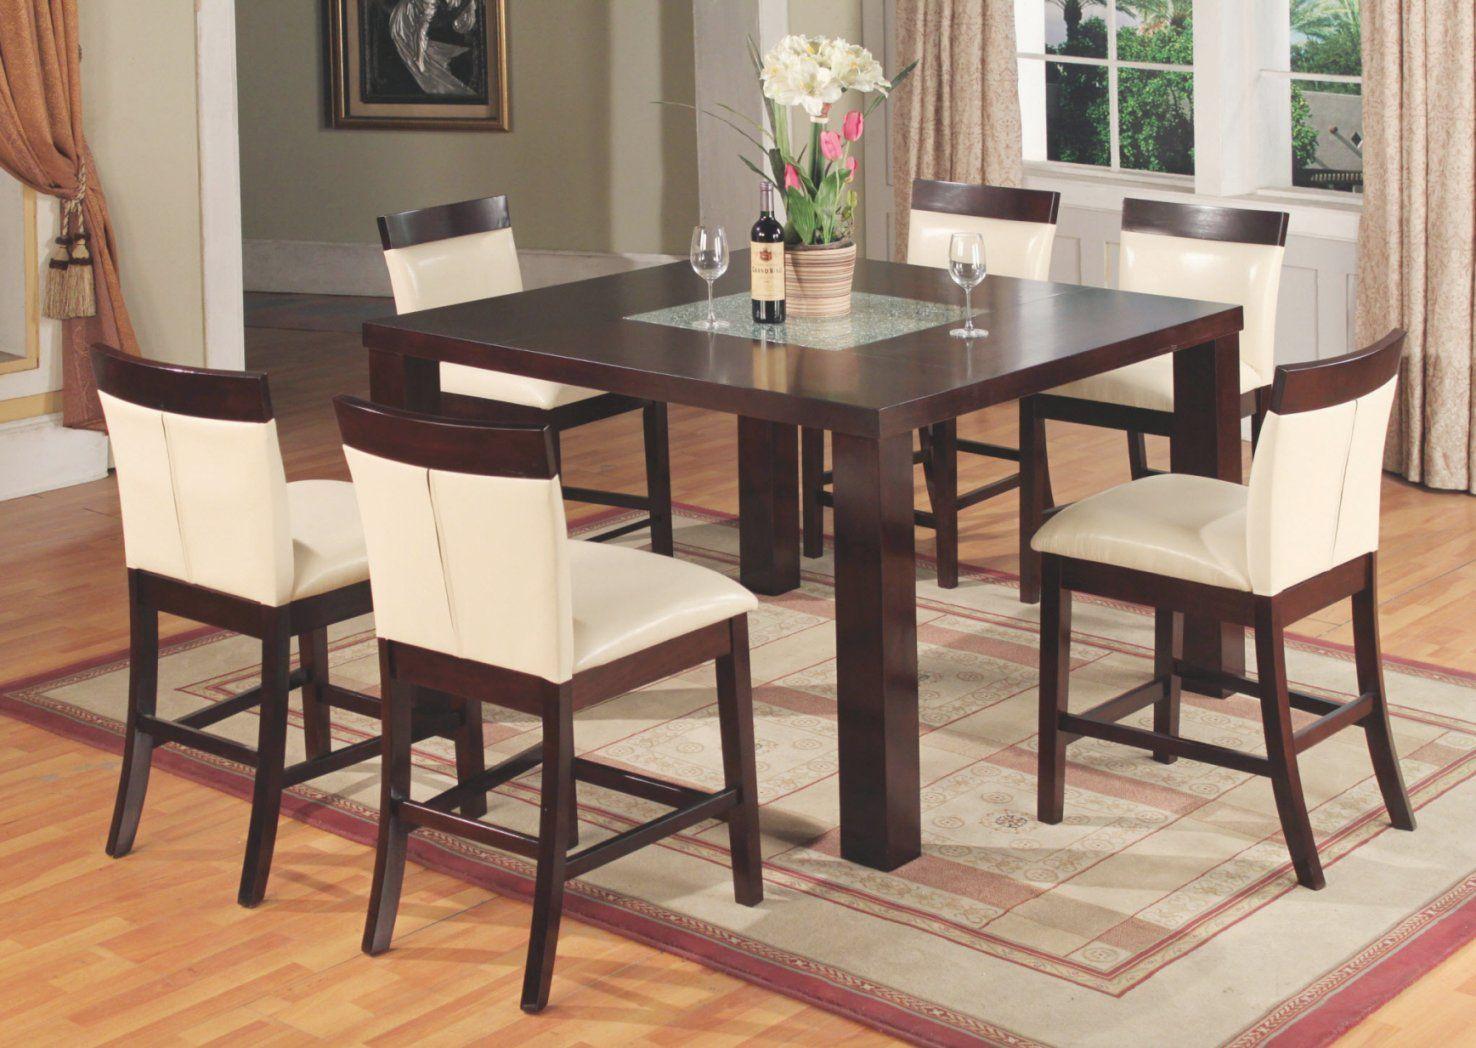 Average Kitchen Table Height (Dengan gambar) | Desain ...